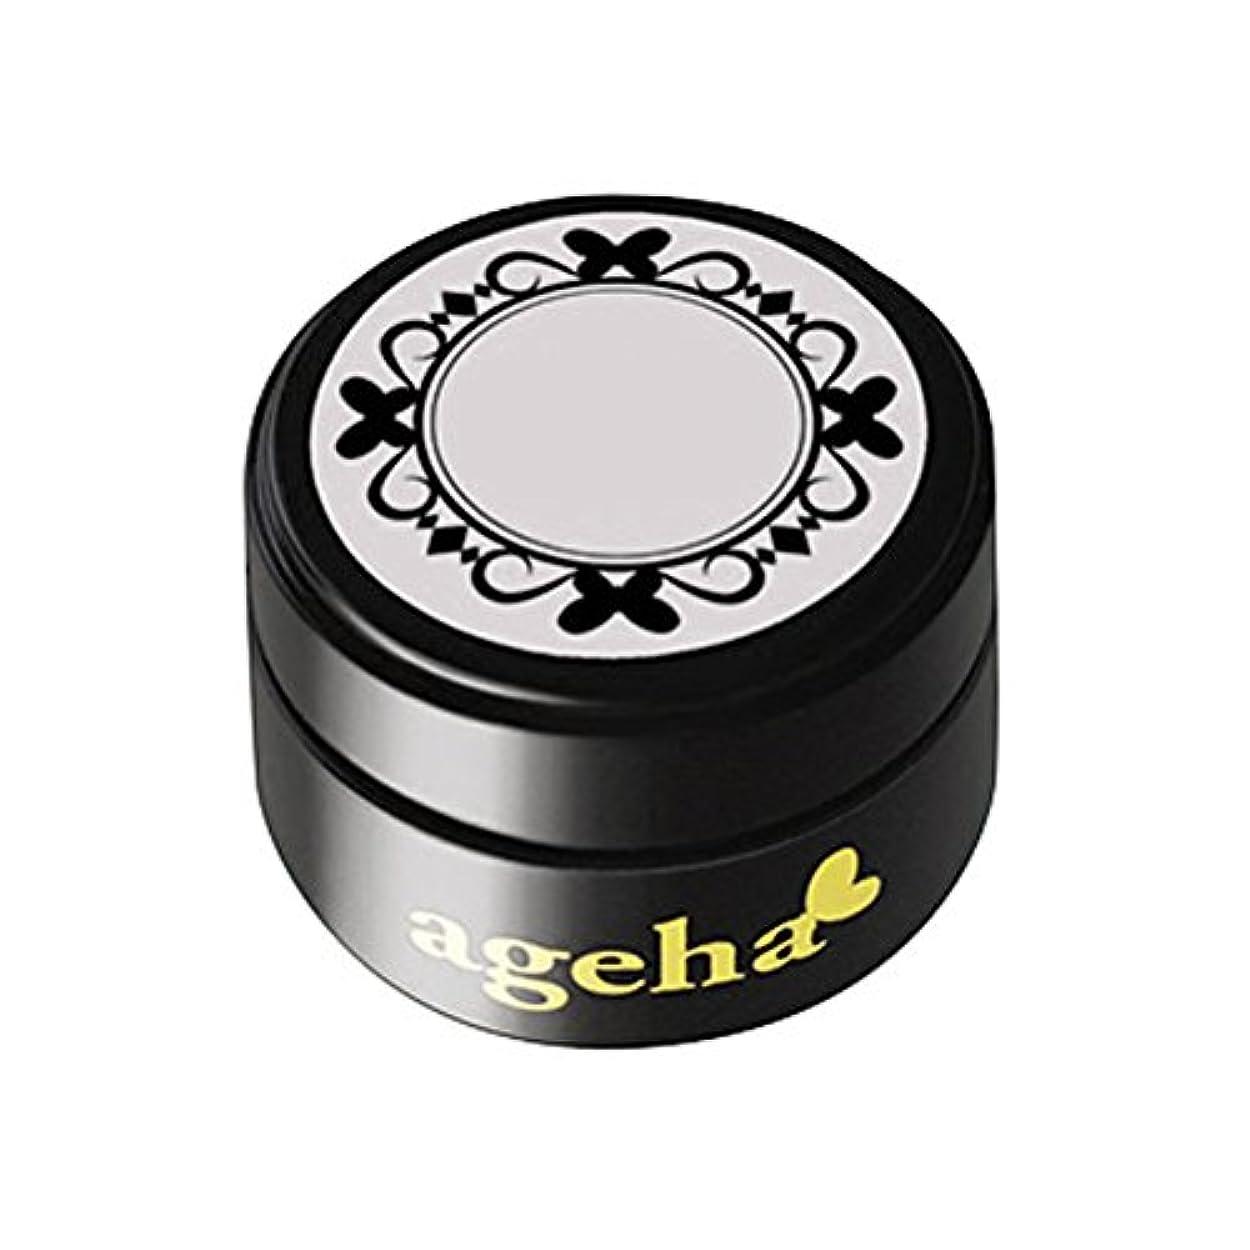 ジャズモザイク薬理学ageha gel カラージェル コスメカラー 215 シェルピンク 2.7g UV/LED対応